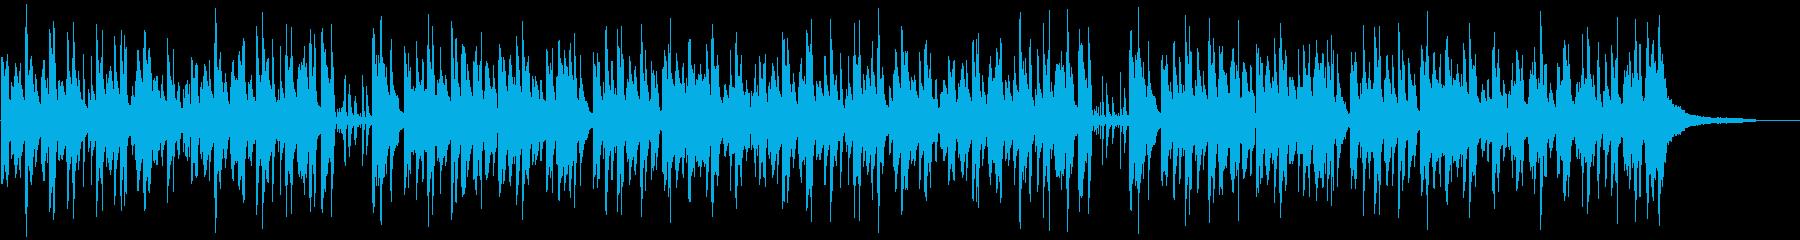 ポップなメロディの落ち着くピアノジャズの再生済みの波形